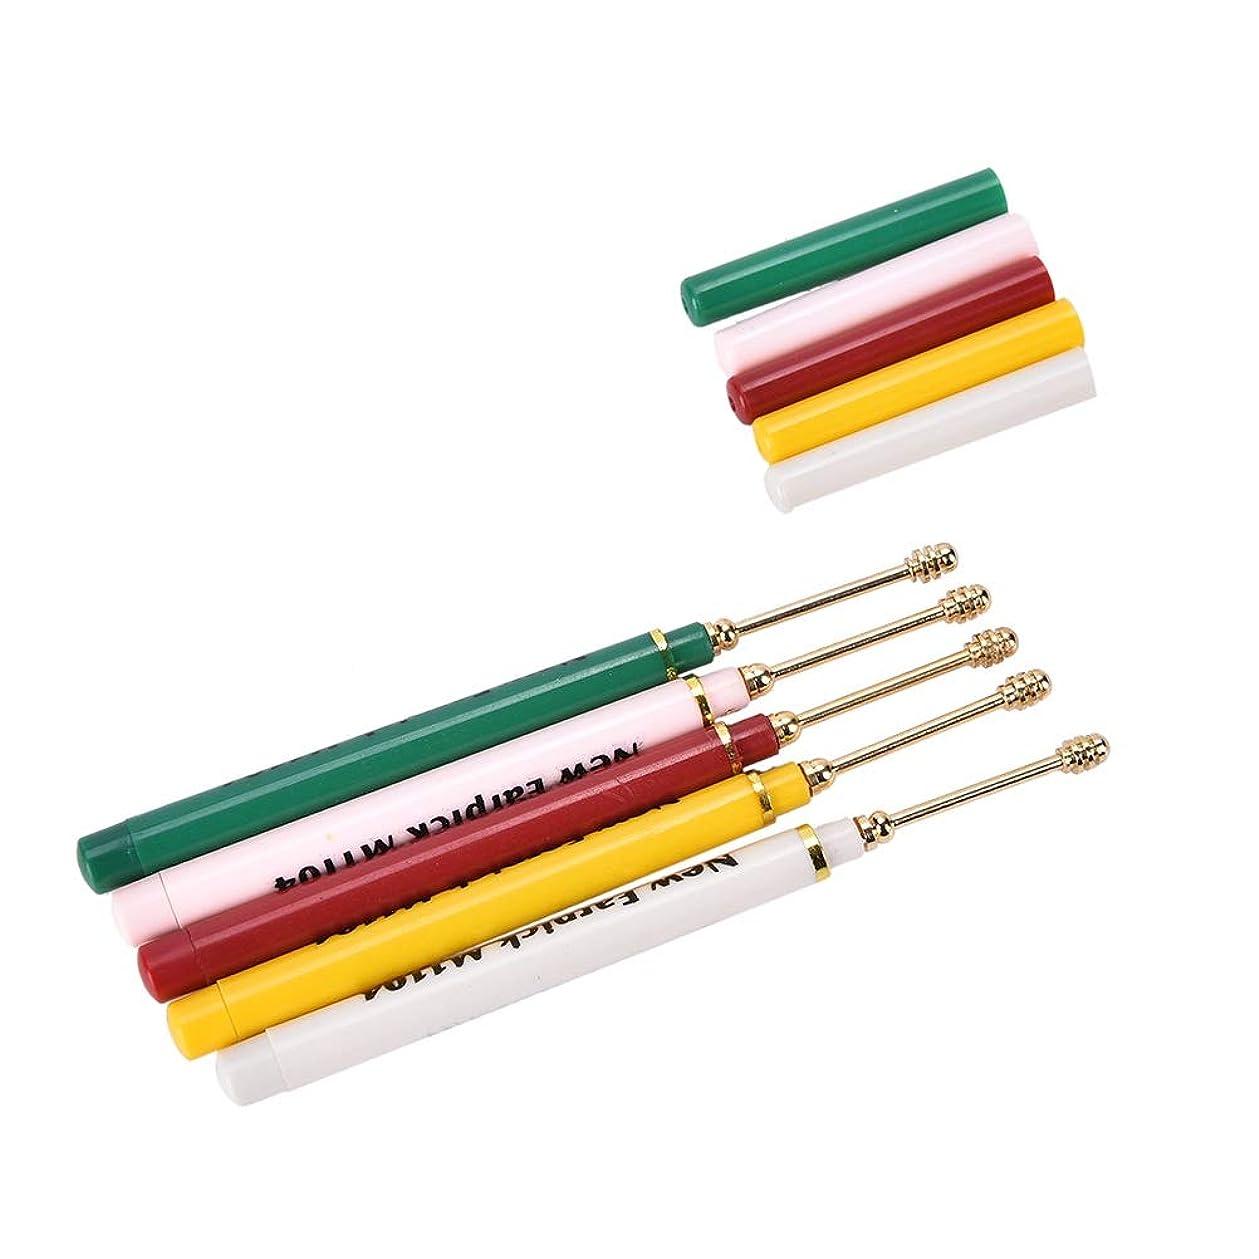 テーブルを設定するバイアス授業料ZHQI-GH 1ピースキュレットスクリューリムーバースティッククリーナーピック耳ツールワックス耳かきヘルスケアツールアクセサリーランダムカラー 17 (色 : Multi-colored)